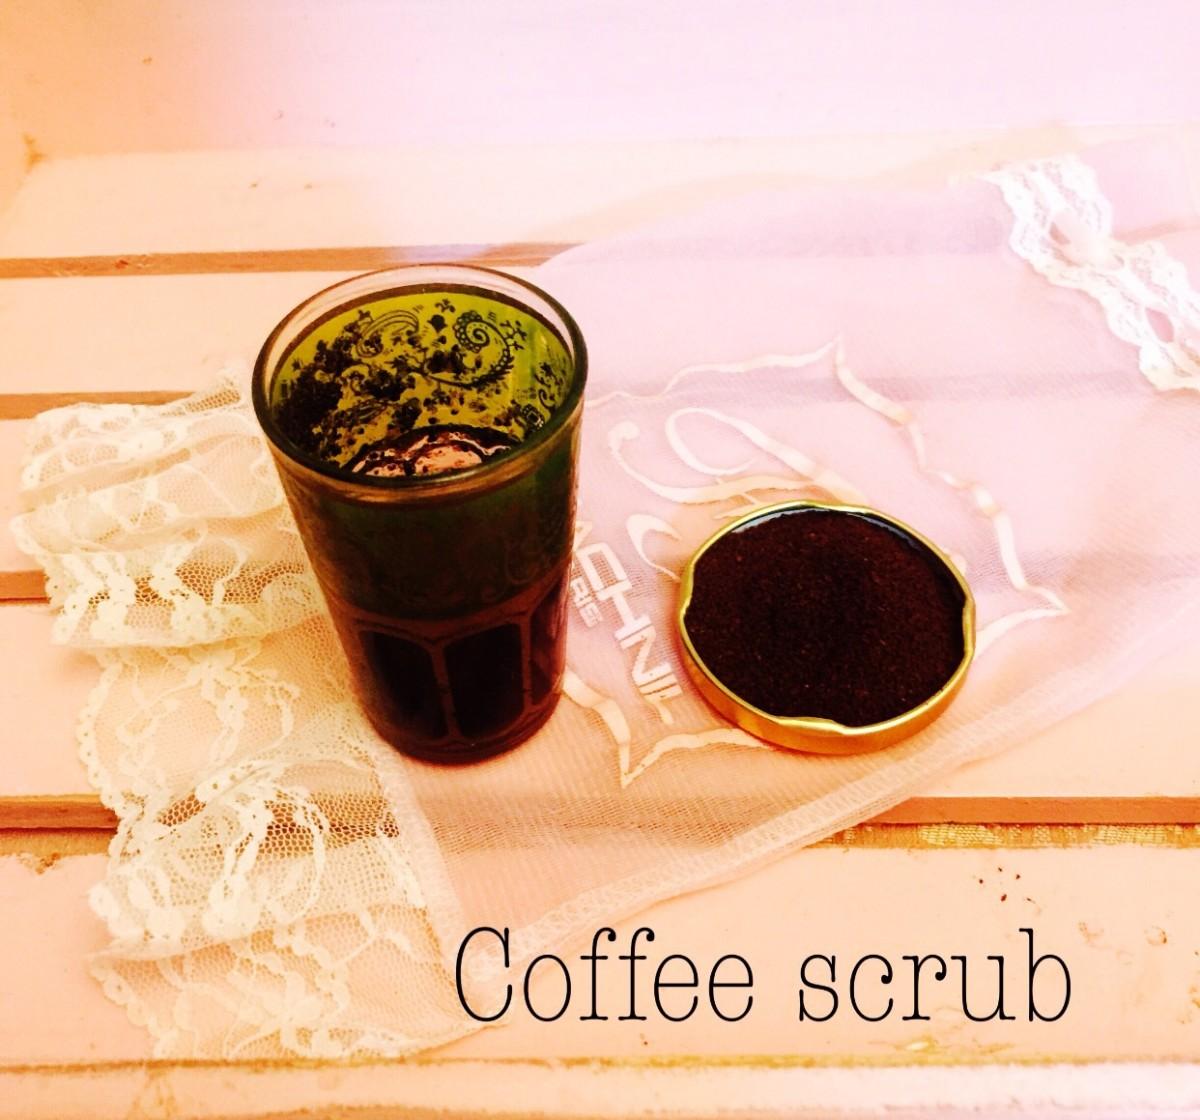 【レシピ付き】自家製コーヒースクラブ♡お風呂で簡単美容!リップスクラブにも使えます♪